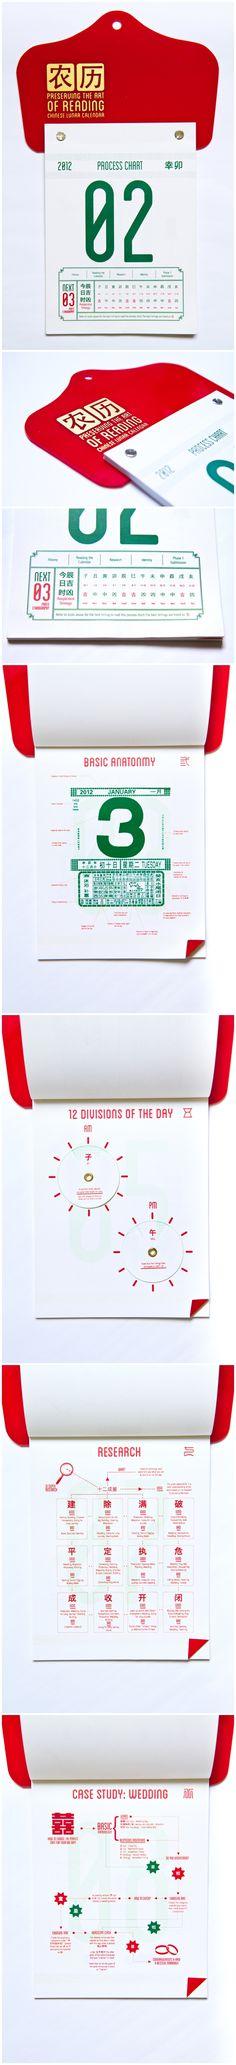 The Art of Reading Chinese Lunar Calendar  Process    via  http://www.behance.net/gallery/The-Art-of-Reading-Chinese-Lunar-Calendar-Process/5249047